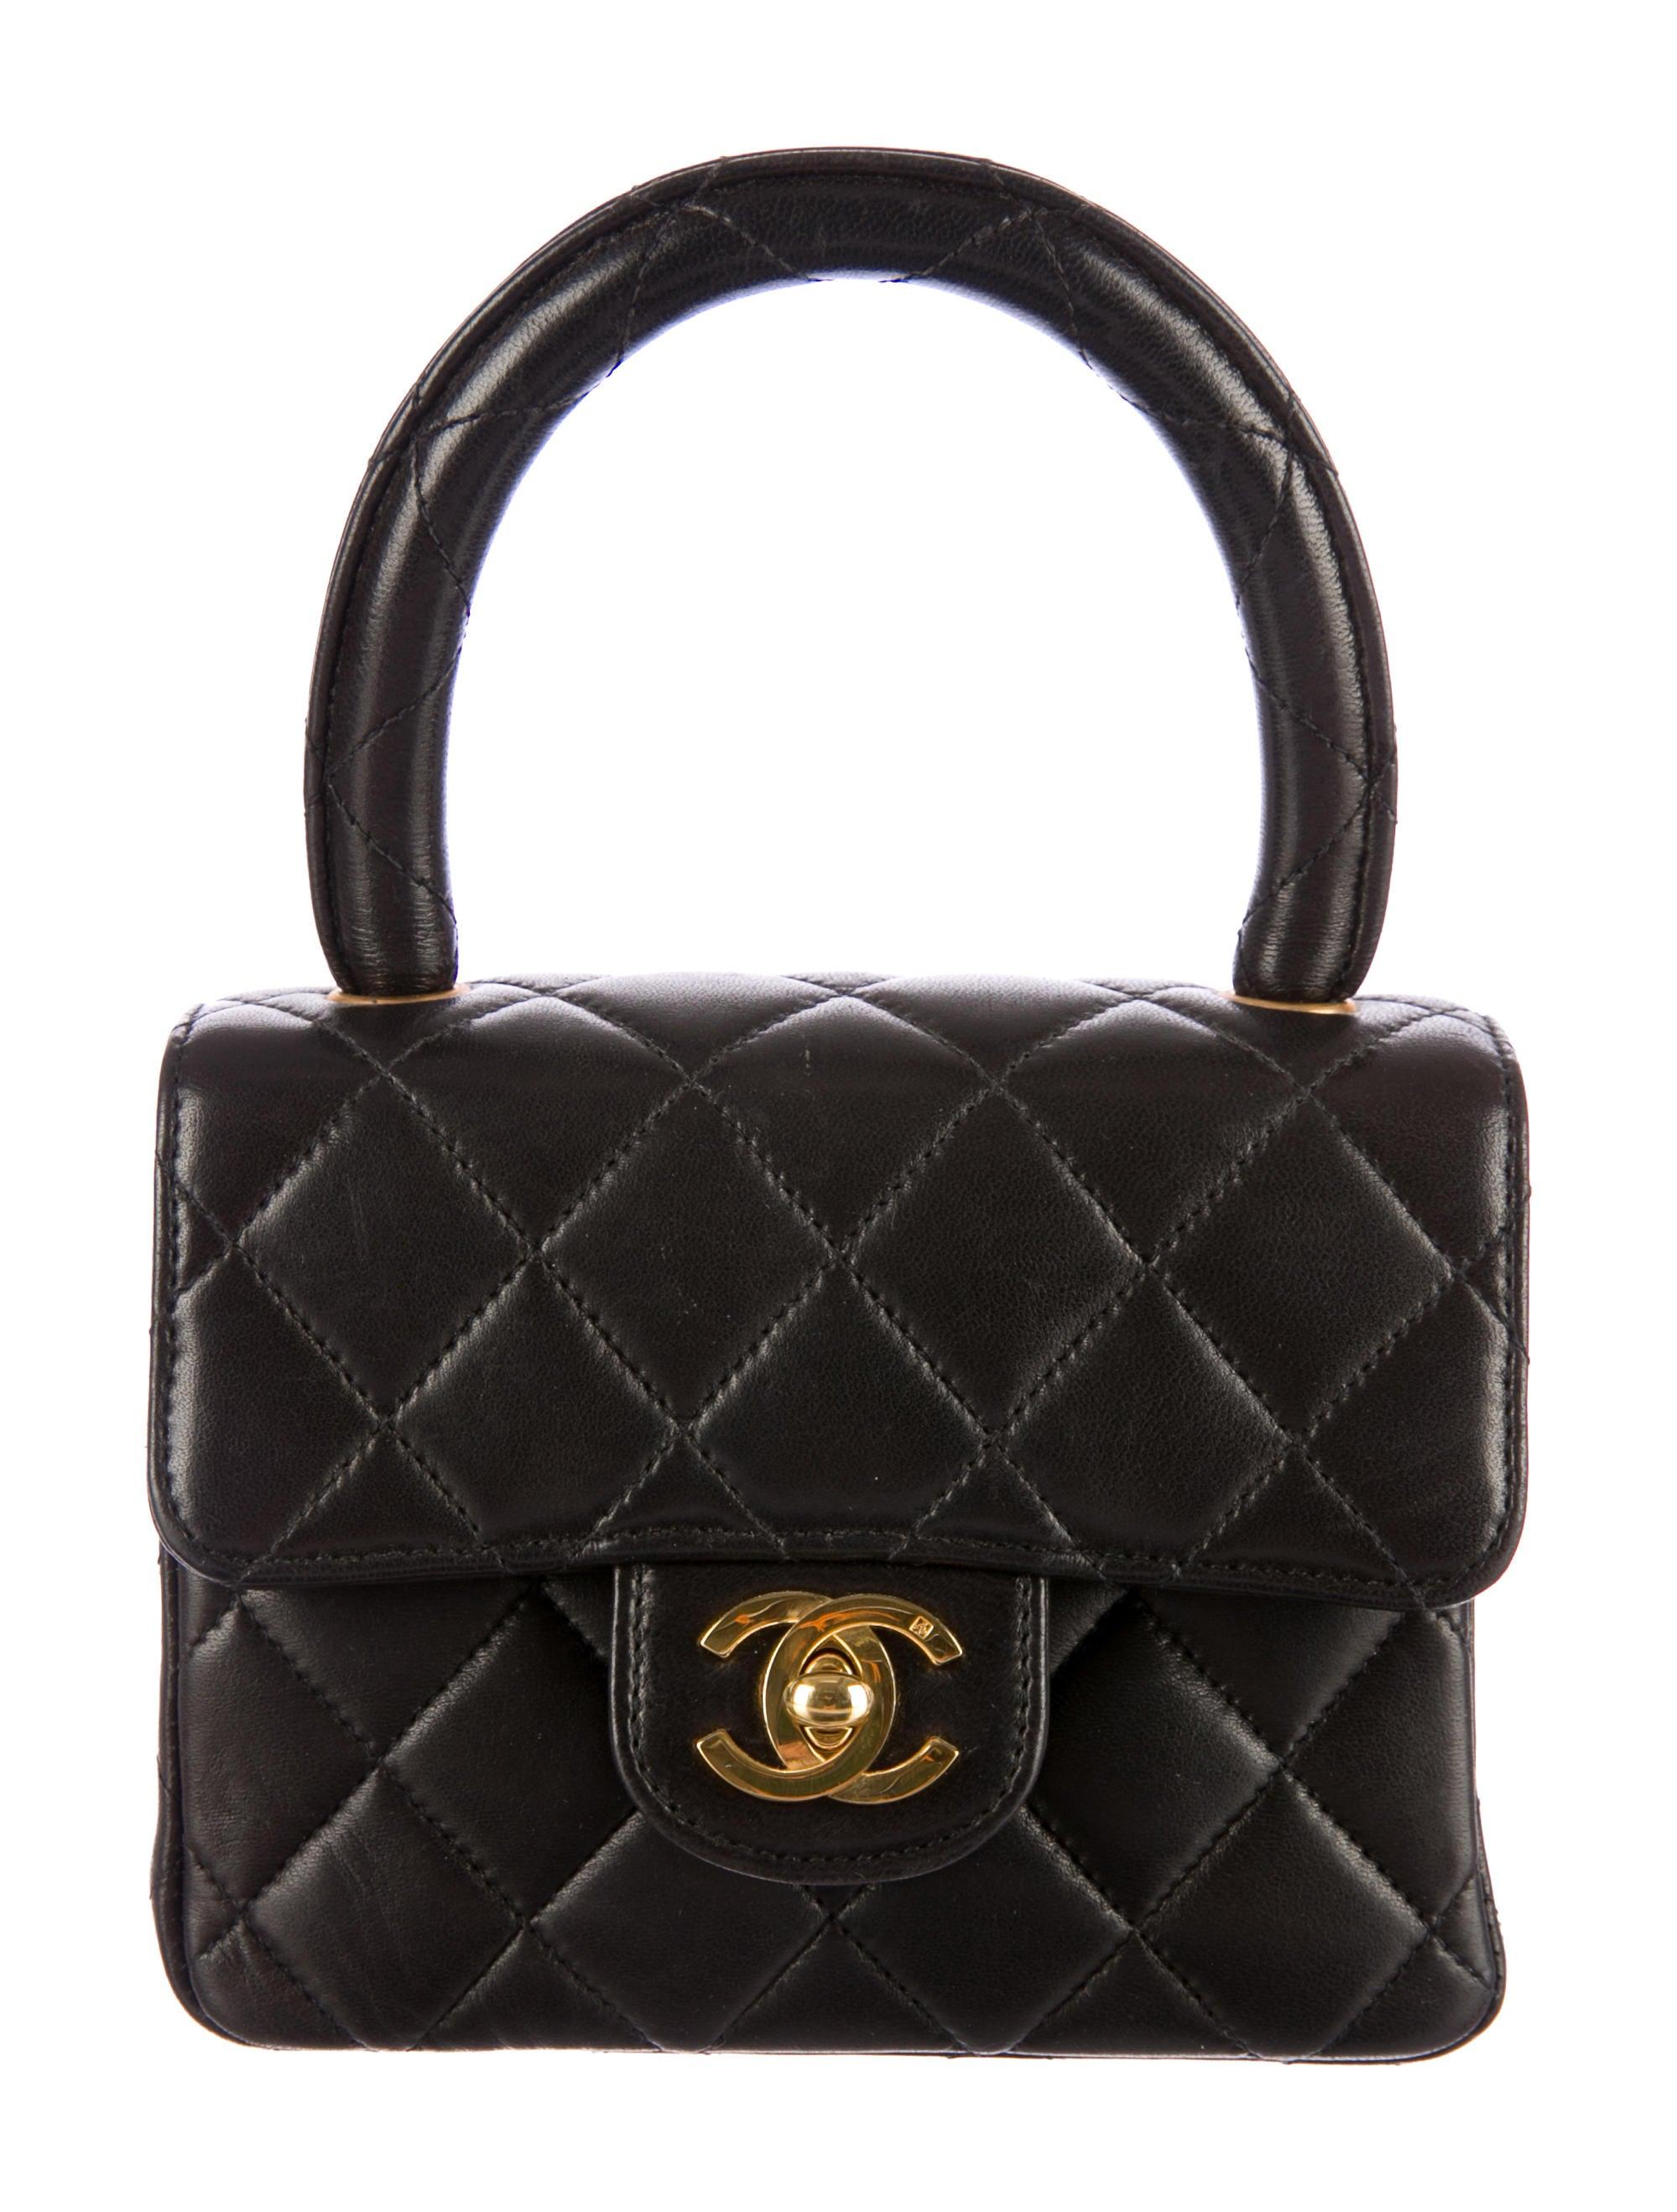 replica hermes bag - Chanel Mini Kelly Bag - Handbags - CHA74150 | The RealReal